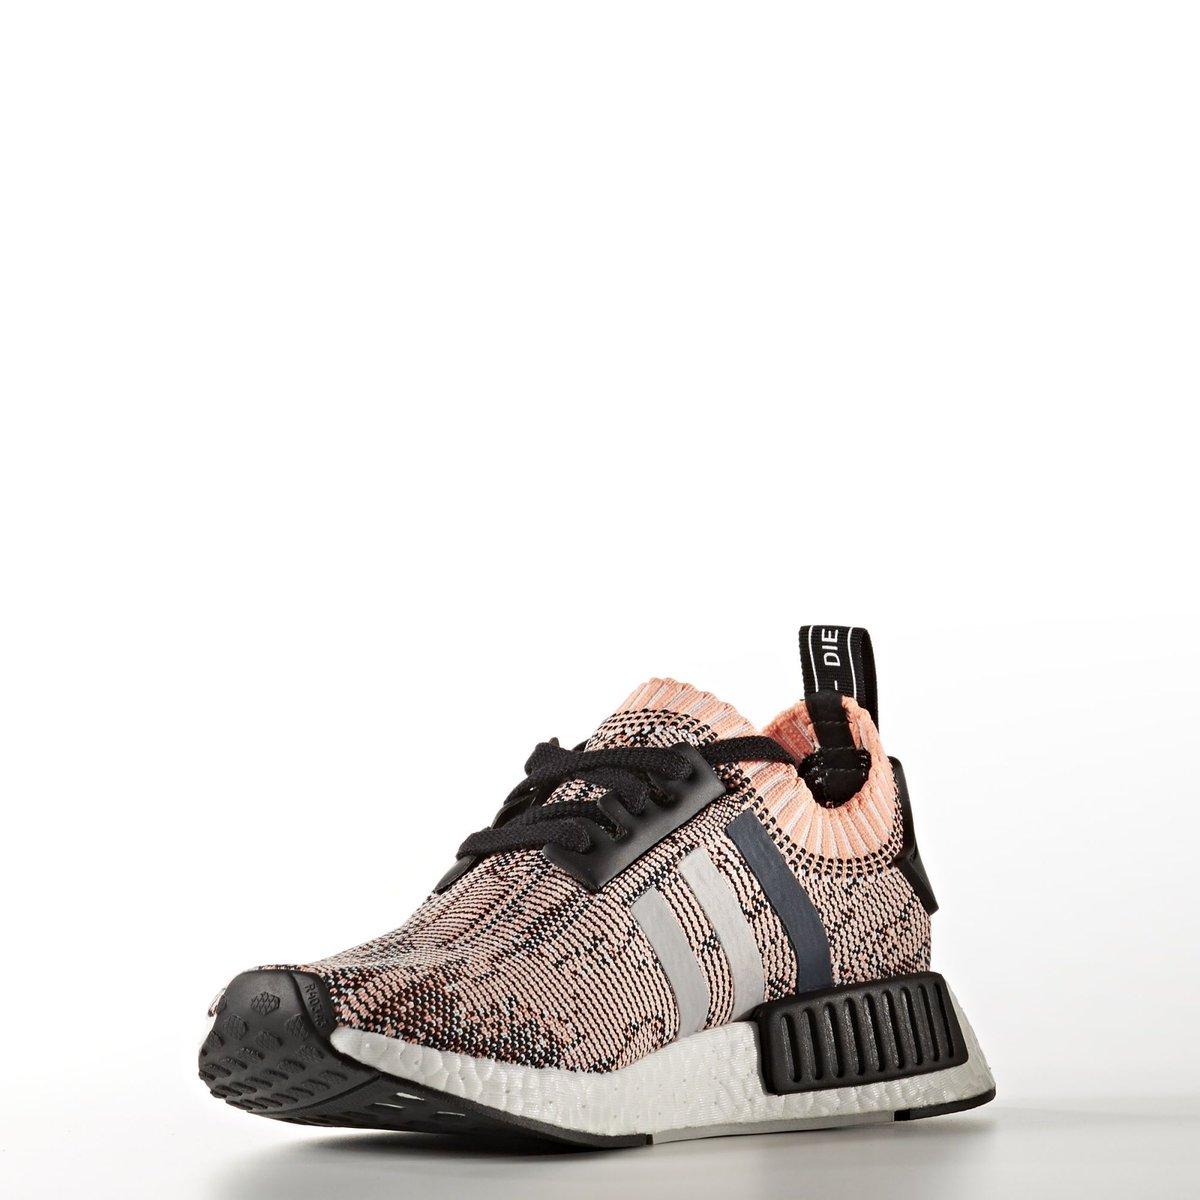 61a310ec6099c Sneaker Shouts™ on Twitter